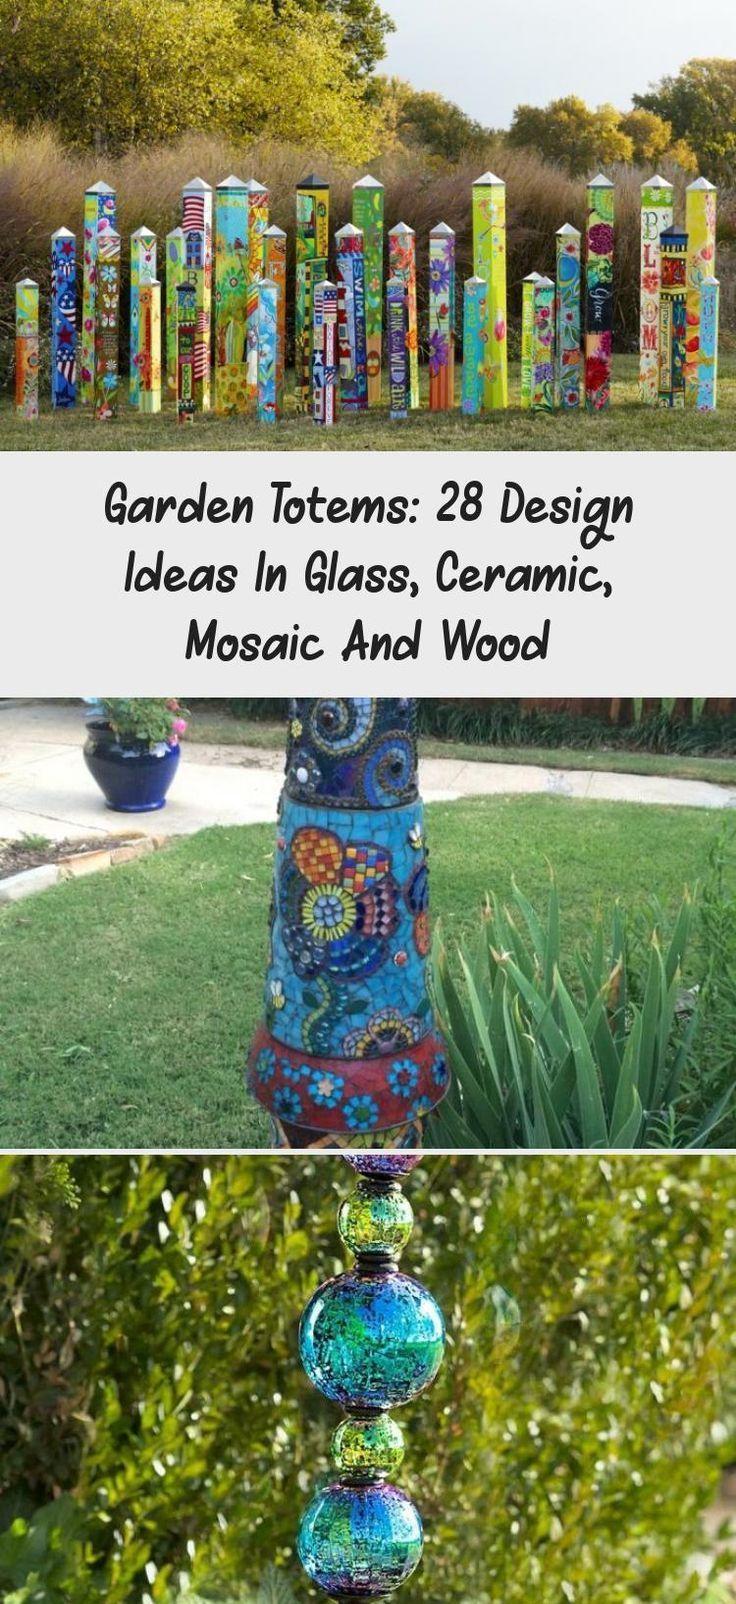 #gartenkunstKeramik #gartenkunstDIY #gartenkunstSelberMachen #gartenkunstHolz, #Gartenkunstdiy #Gartenkunstholz #gartenkunstKeramik #gartenkunstSelberMachen